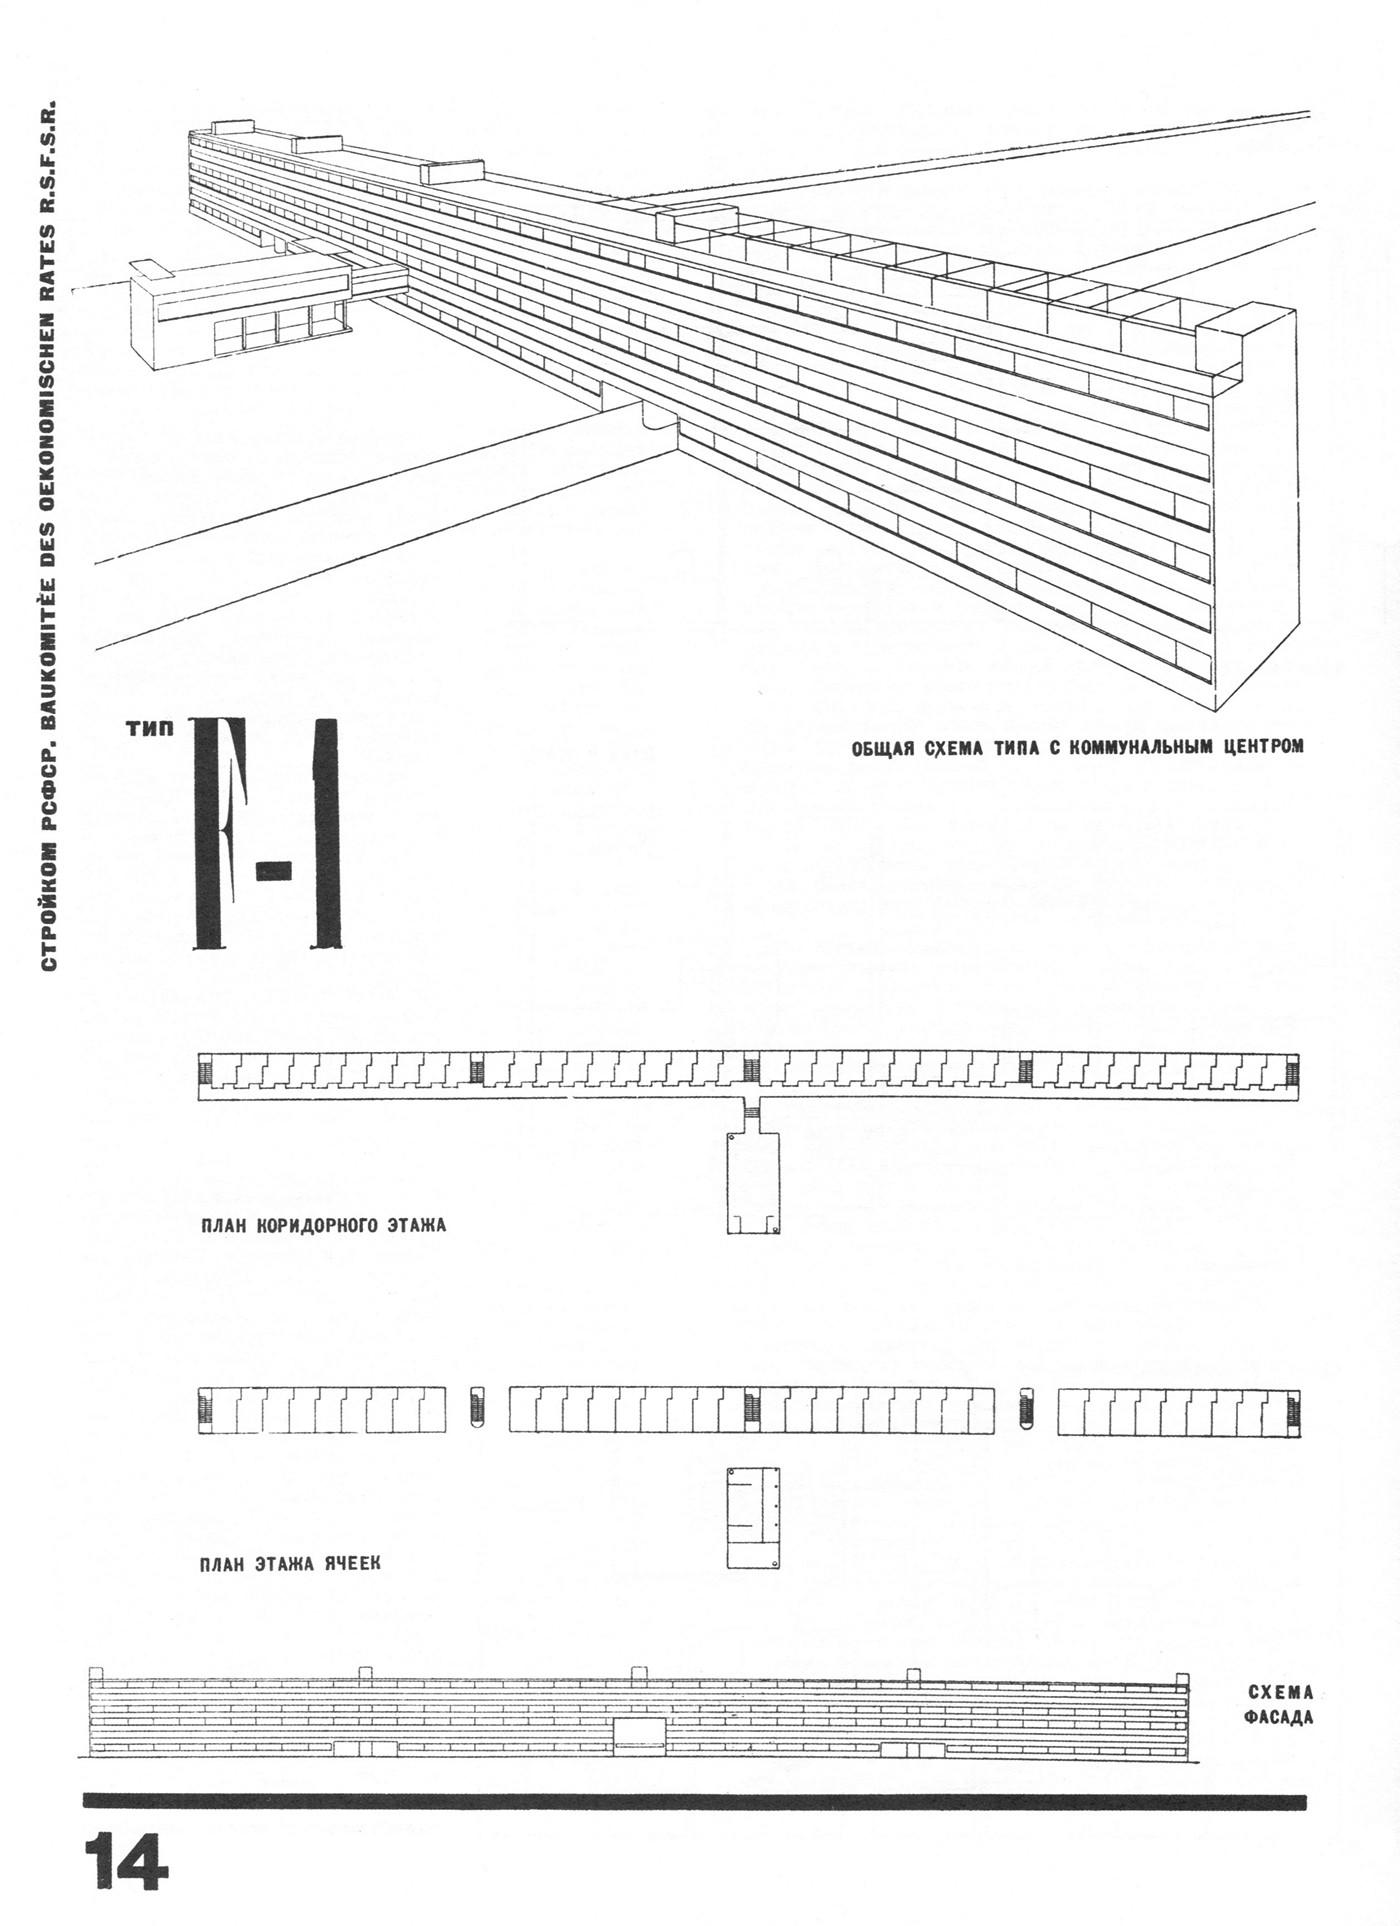 Схема инженерного января 7.2 своими руками фото 55